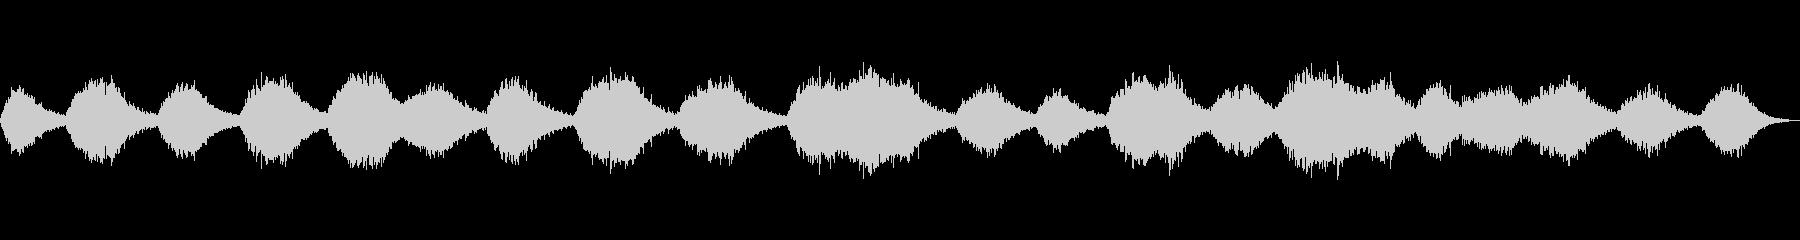 広大な大地と夜空を描写したアンビエント音の未再生の波形